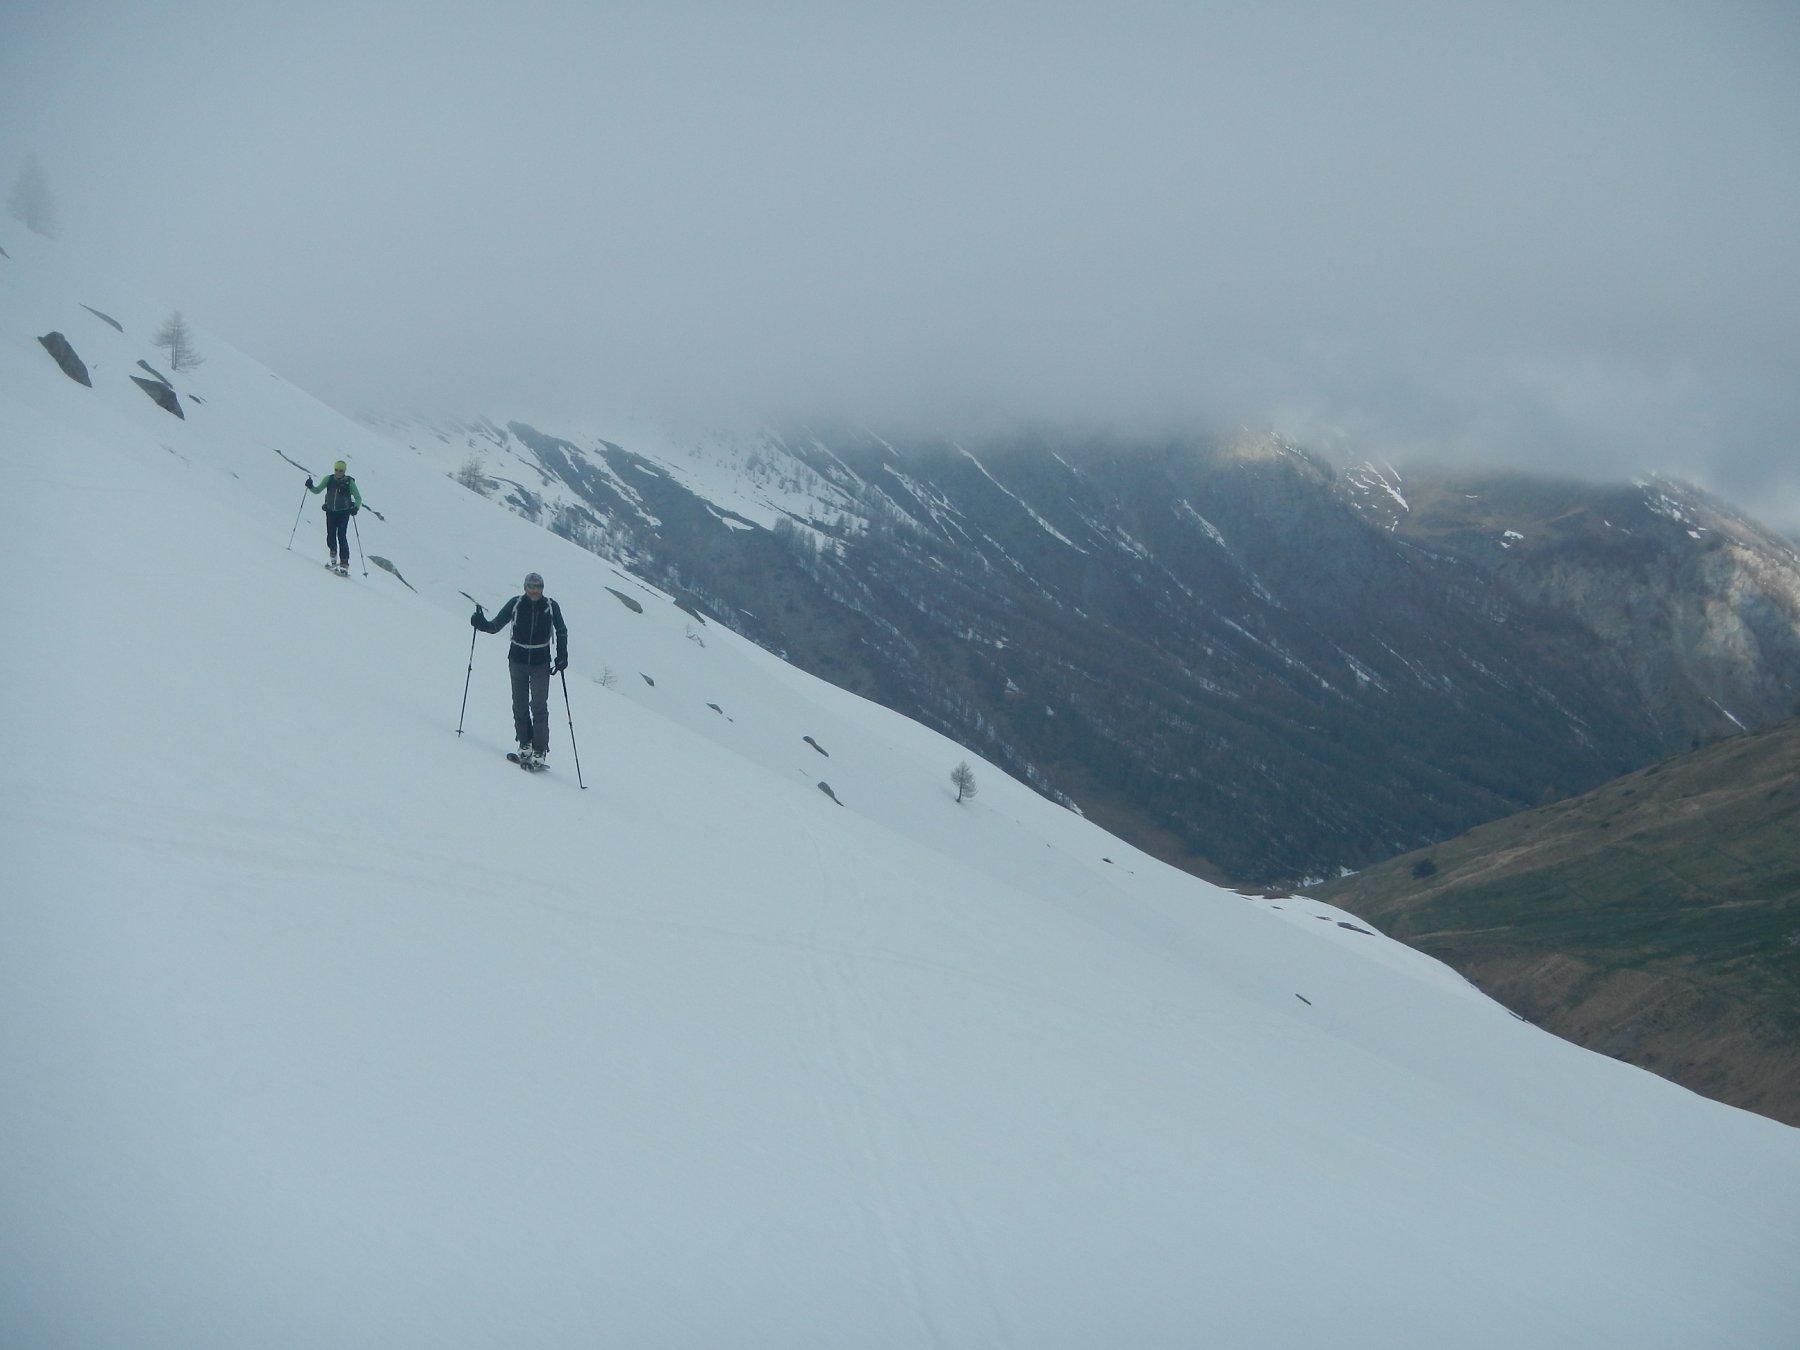 inizio del percorso tra nebbie e nuvole basse